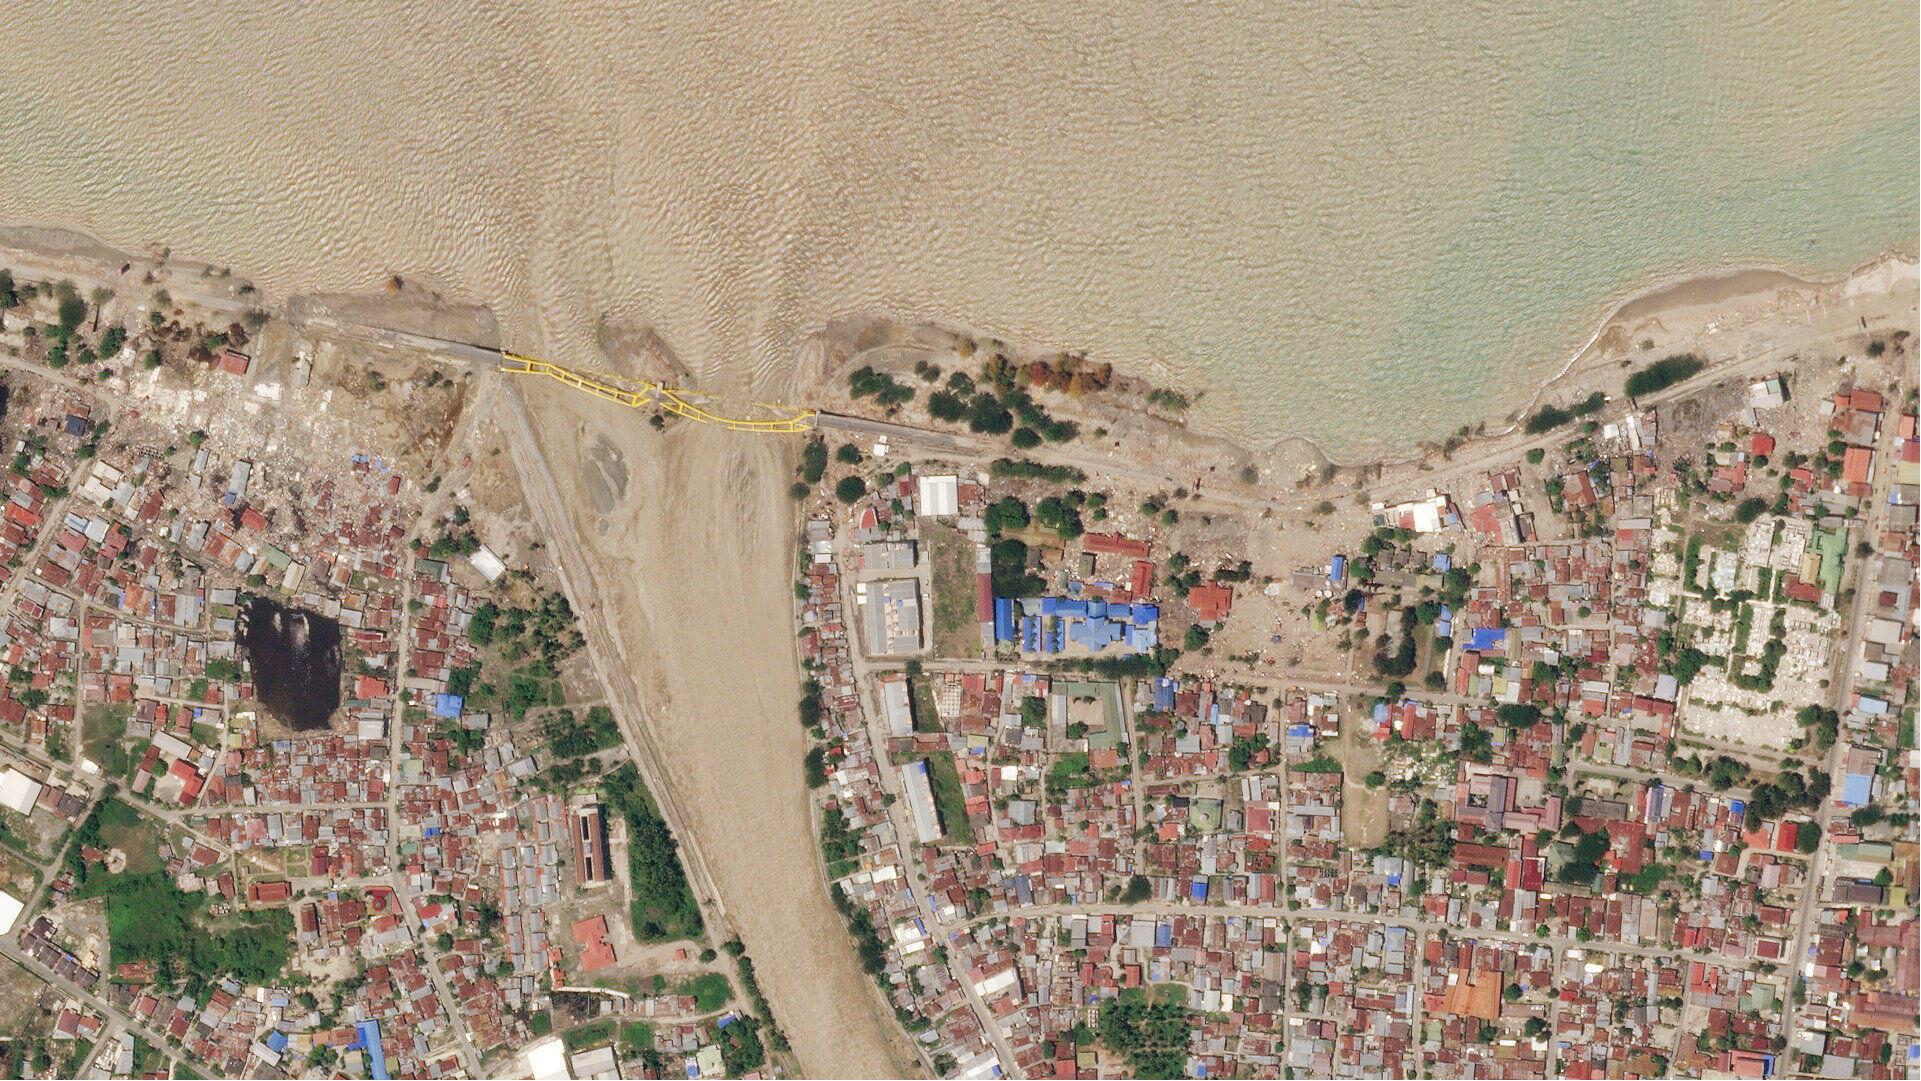 Vista aérea del puente de Ponulele después del tsunami.